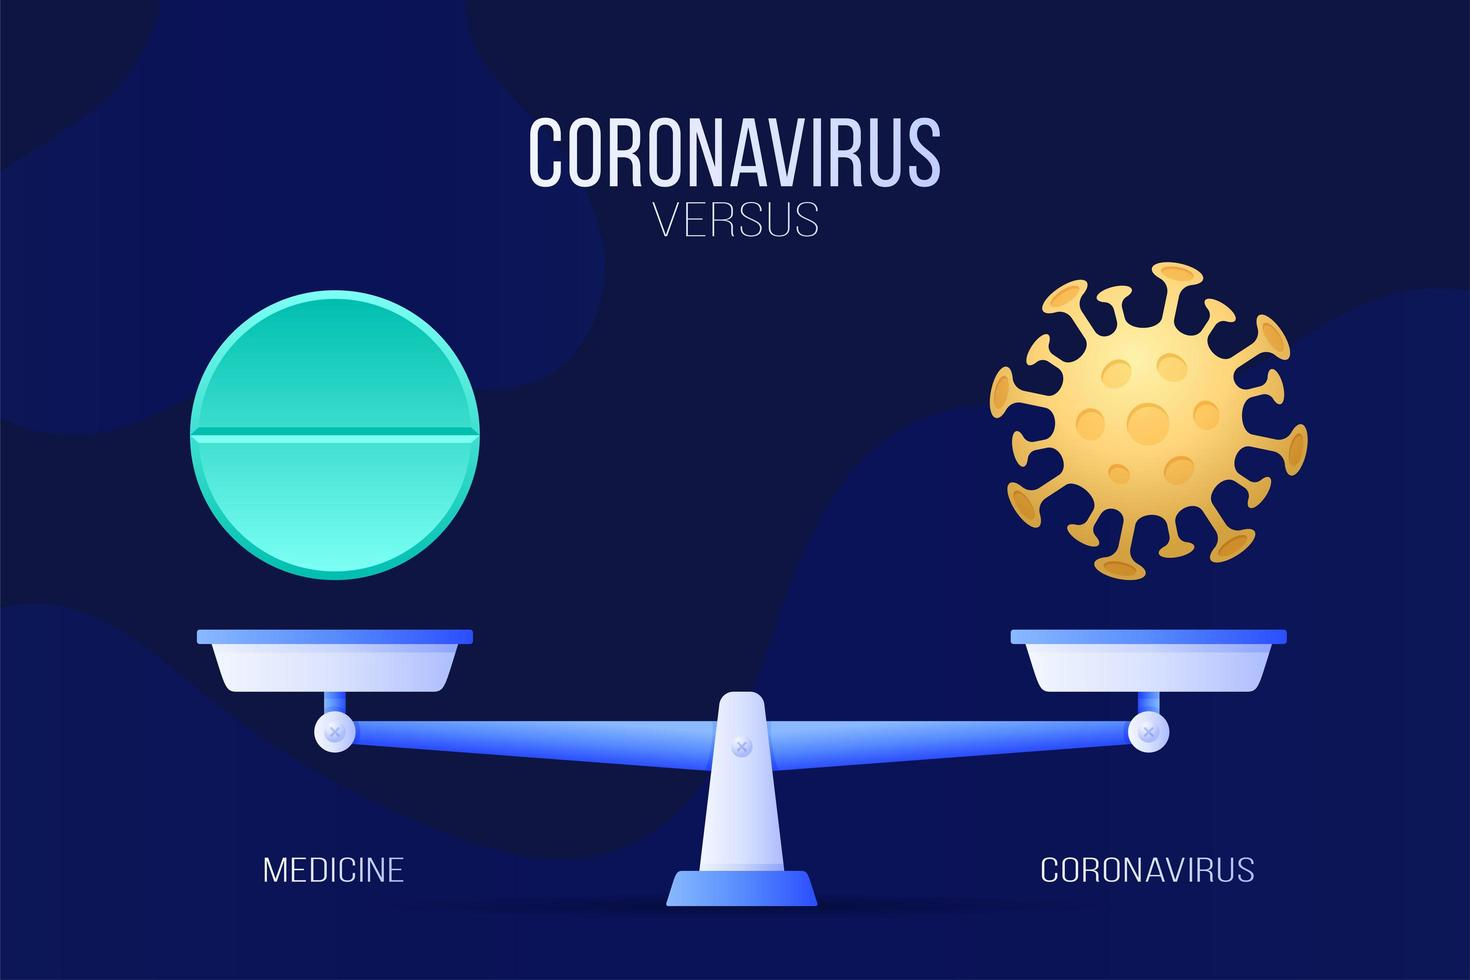 coronavírus ou ilustração vetorial de pílula médica. conceito criativo de escalas e versus, de um lado da escala está o vírus covid-19 e do outro o ícone de pílula. ilustração vetorial plana. vetor